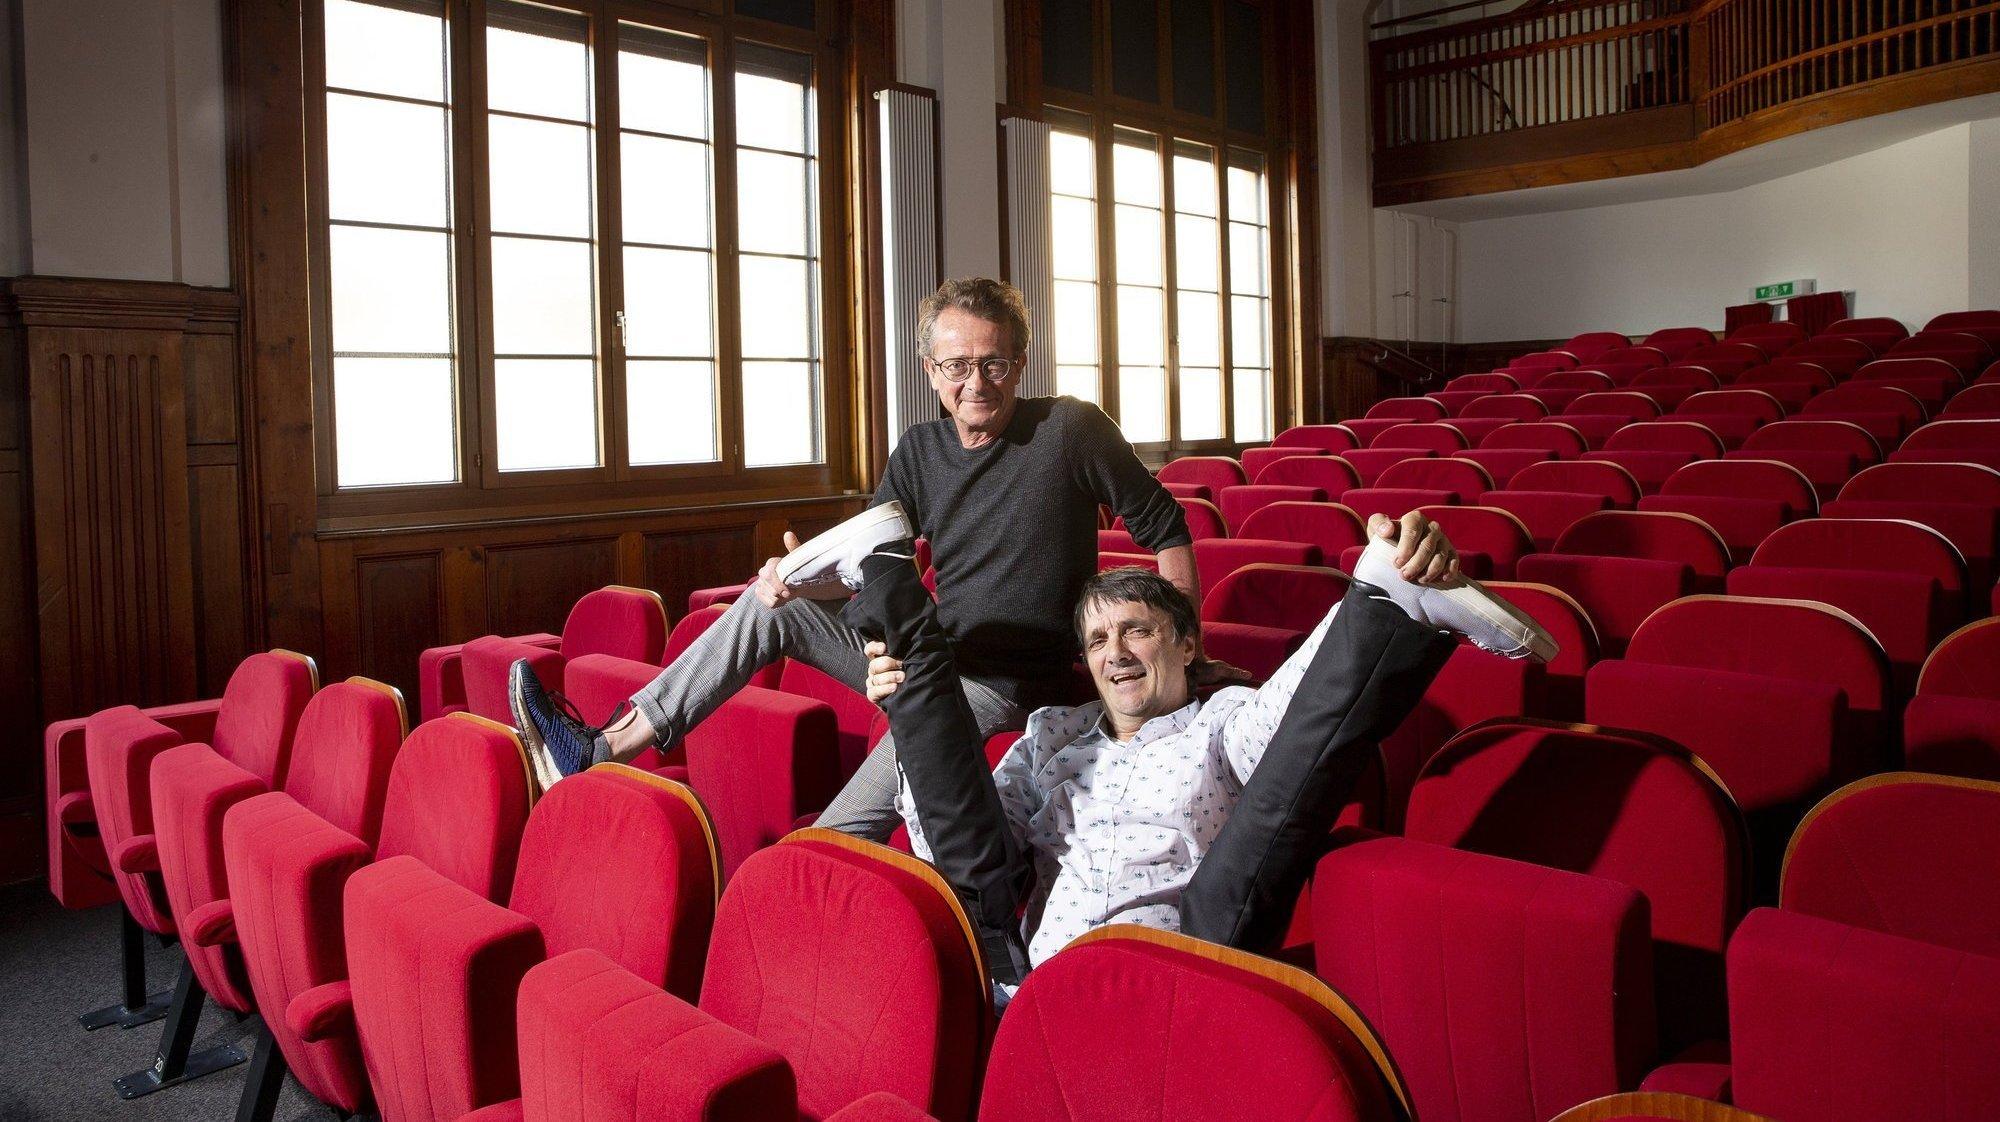 Vincent Kohler et Pierre Aucaigne évoquent leur coup de foudre sur scène